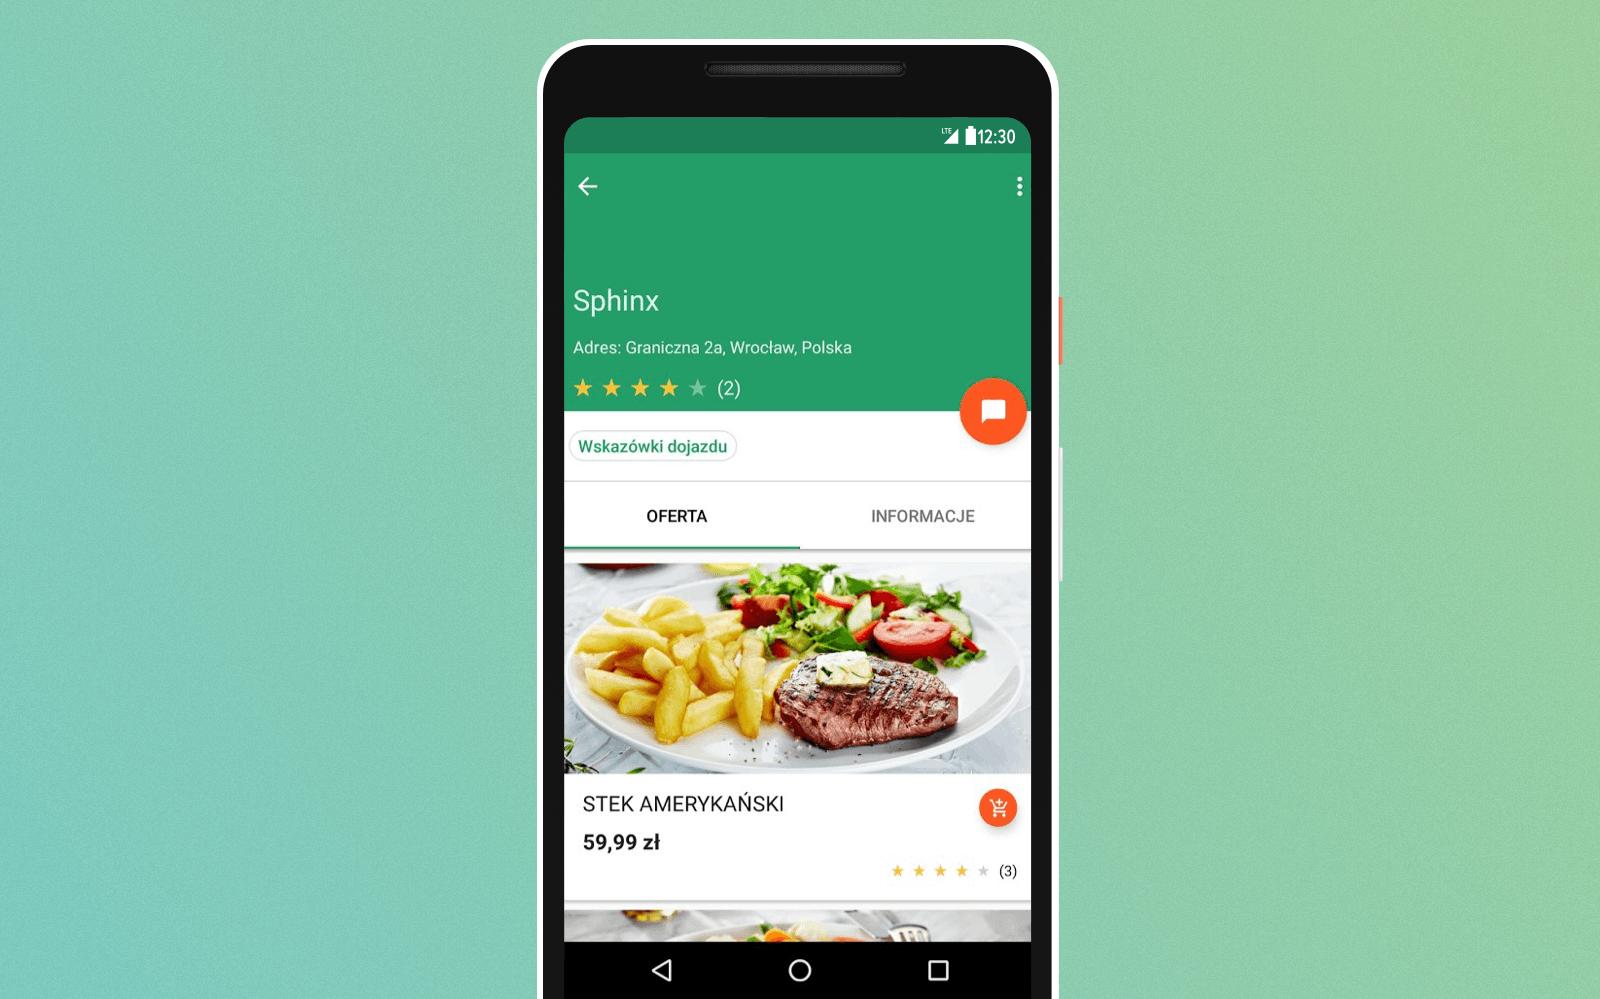 oMap.pl food ordering